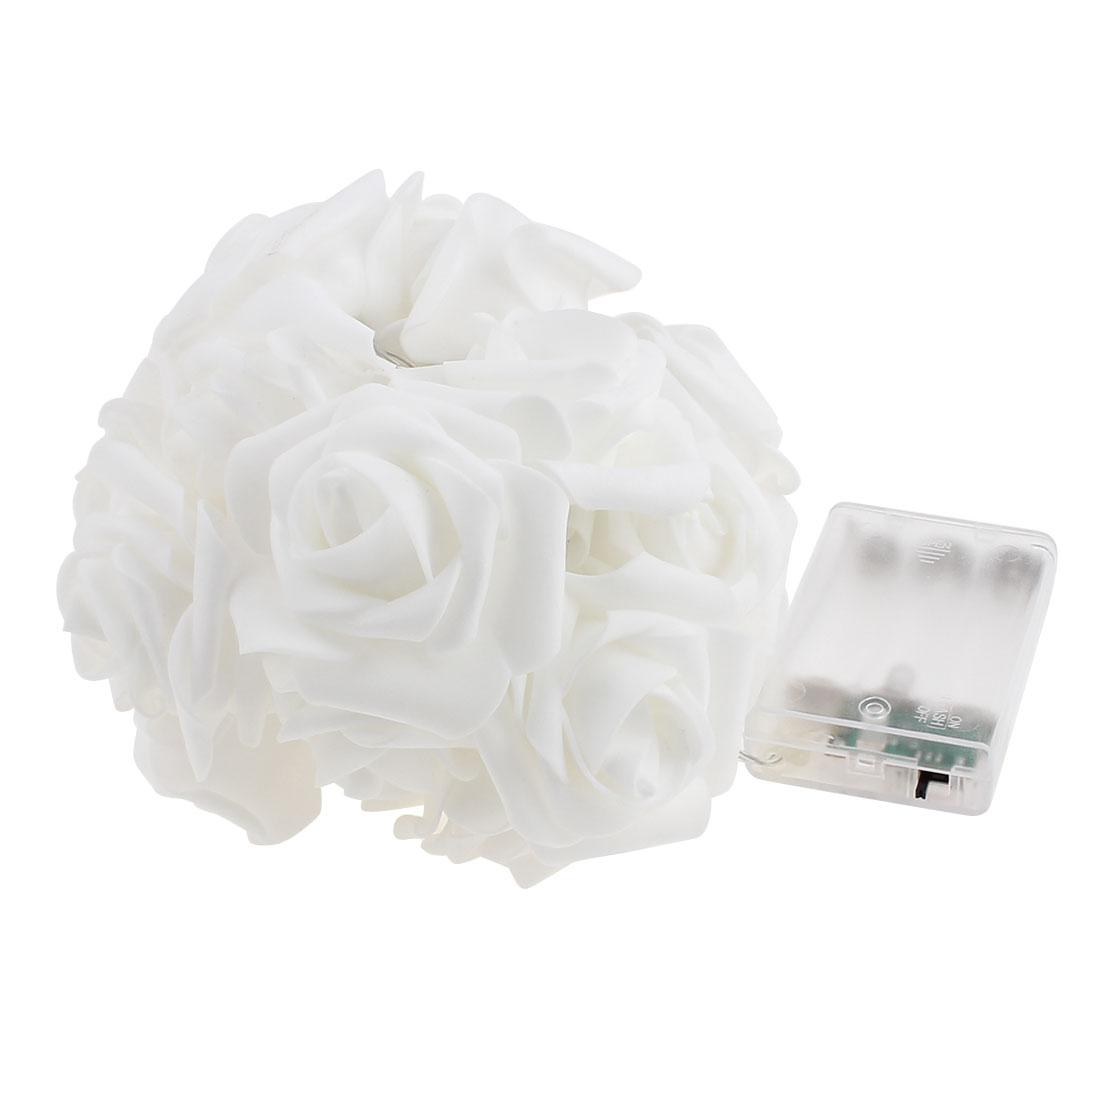 20 LED String Light Battery Supply Rose Flower Warm White Lamp Wedding Decor Light 2M